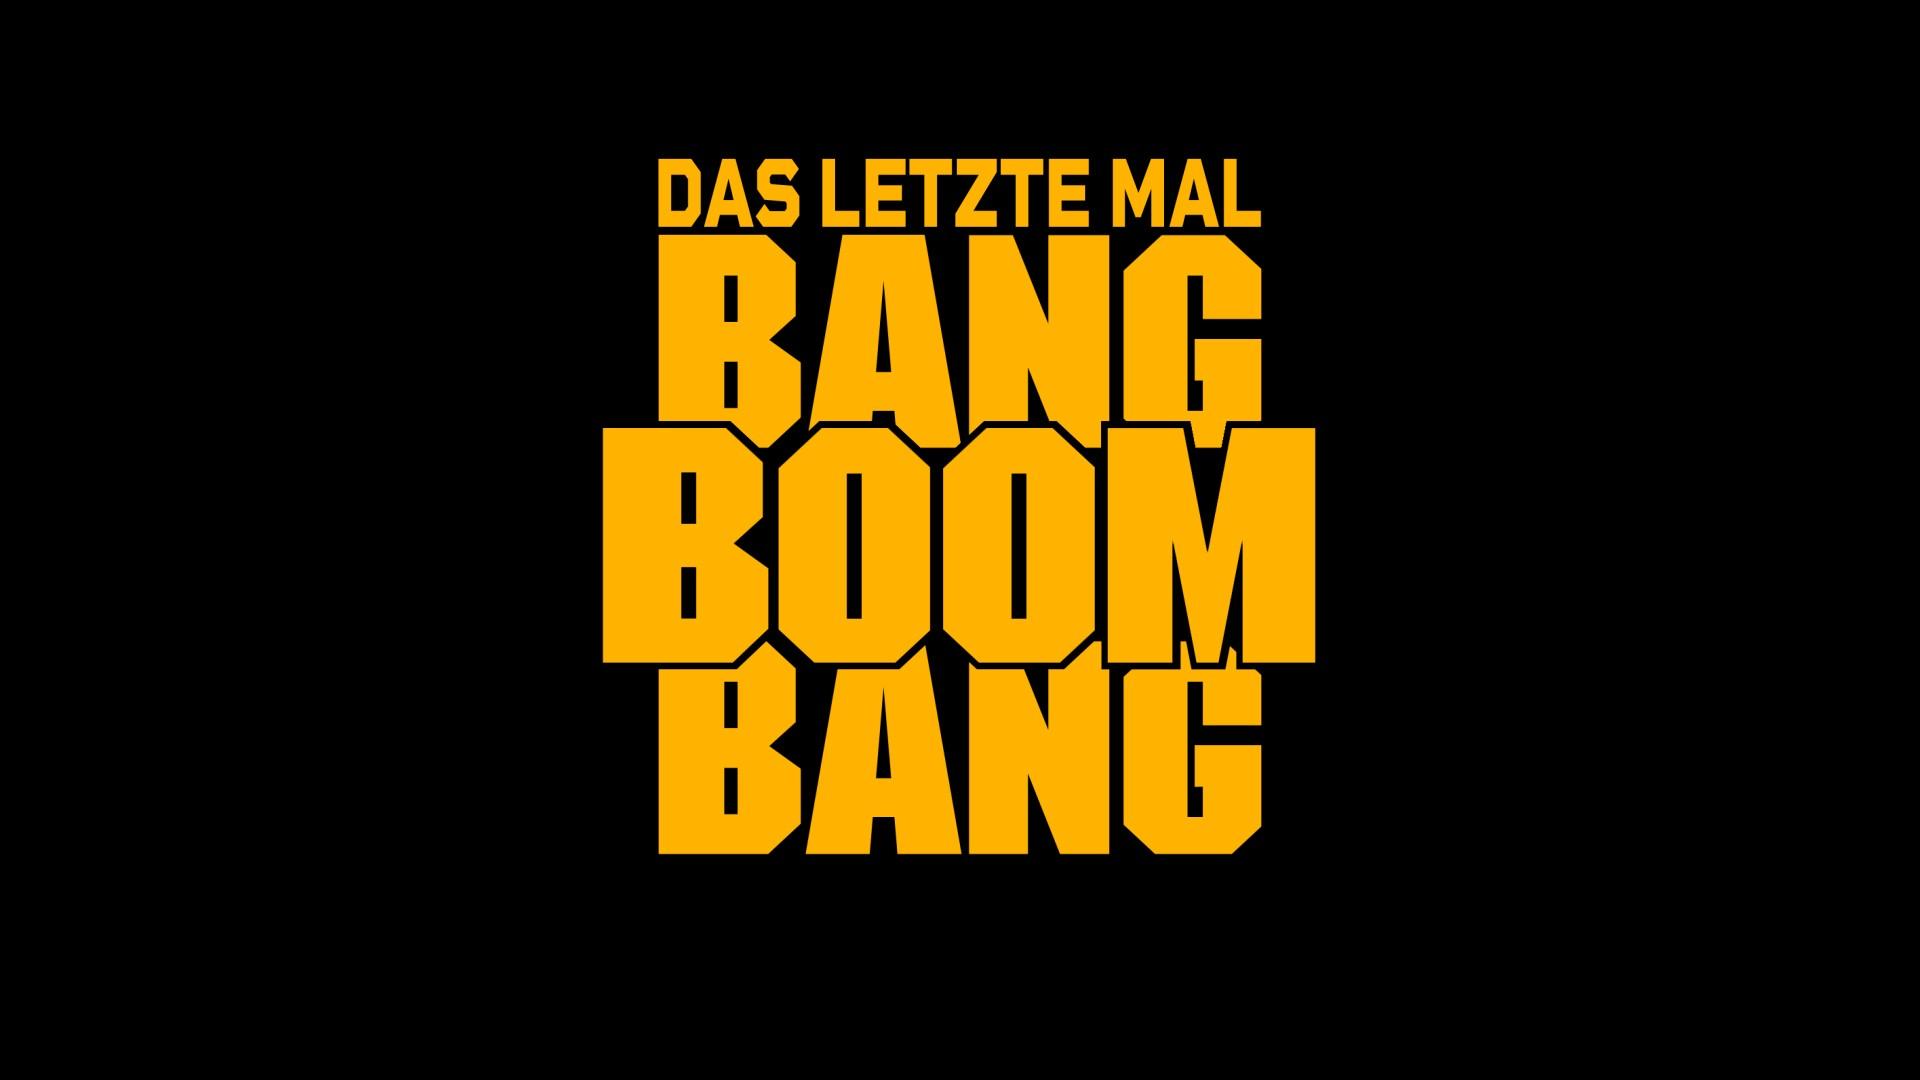 """Insgesamt 6,7 Millionen Zuschauer: Das ist die Bilanz nach einem Jahr """"Bang Boom Bang"""" bei Tele 5"""